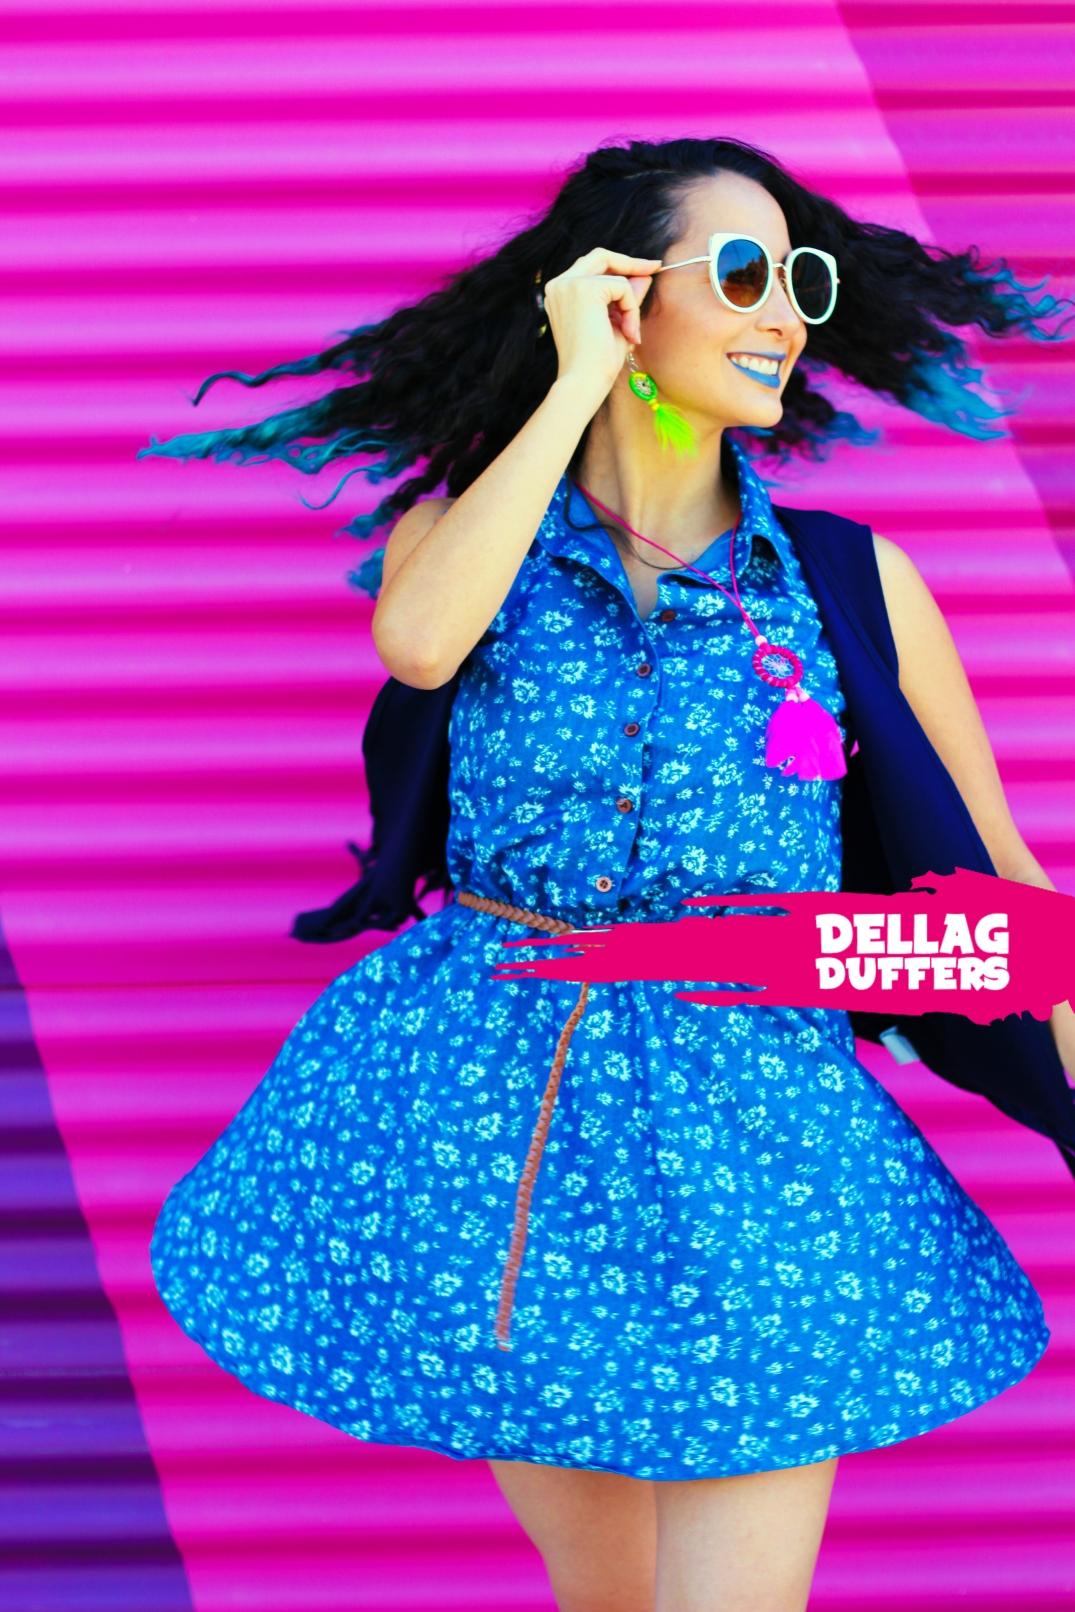 dellag-duffers-16